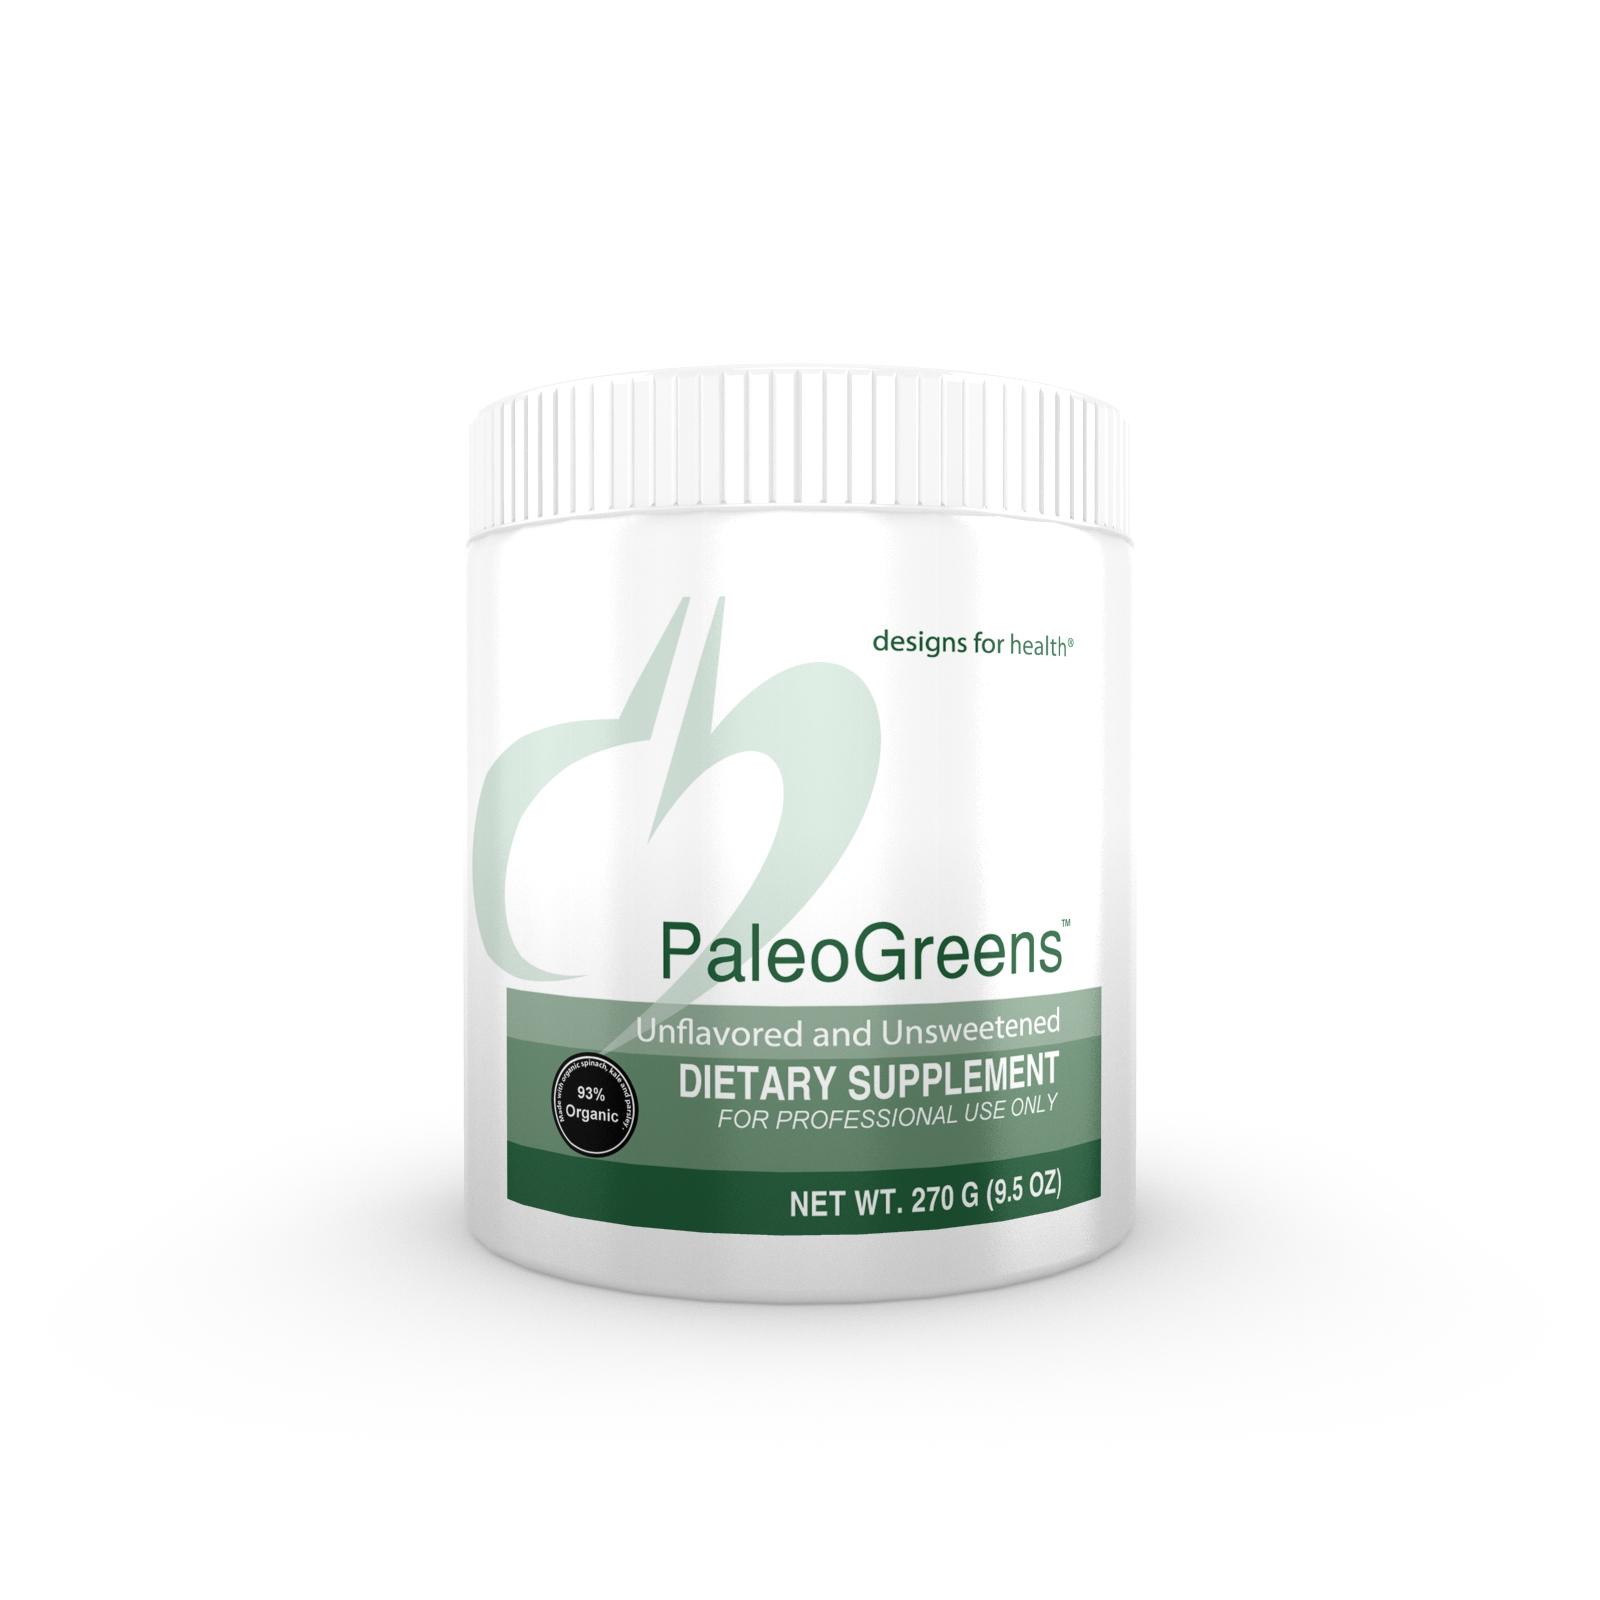 PaleoGreens-Unflavored_1.jpg